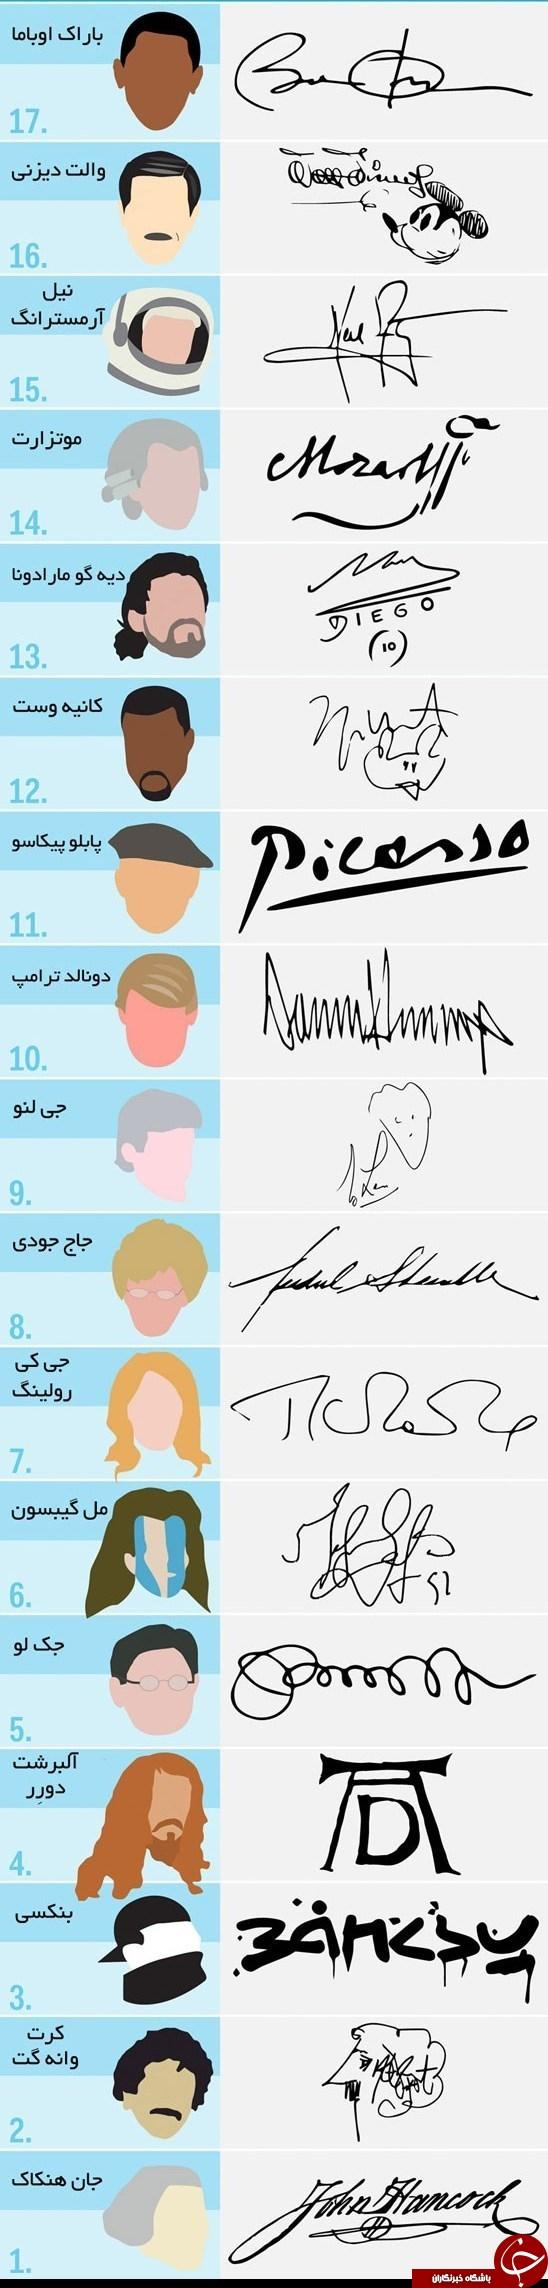 عکس / ۱۷ امضای زیبا و جالب از افراد مشهور در طول تاریخ